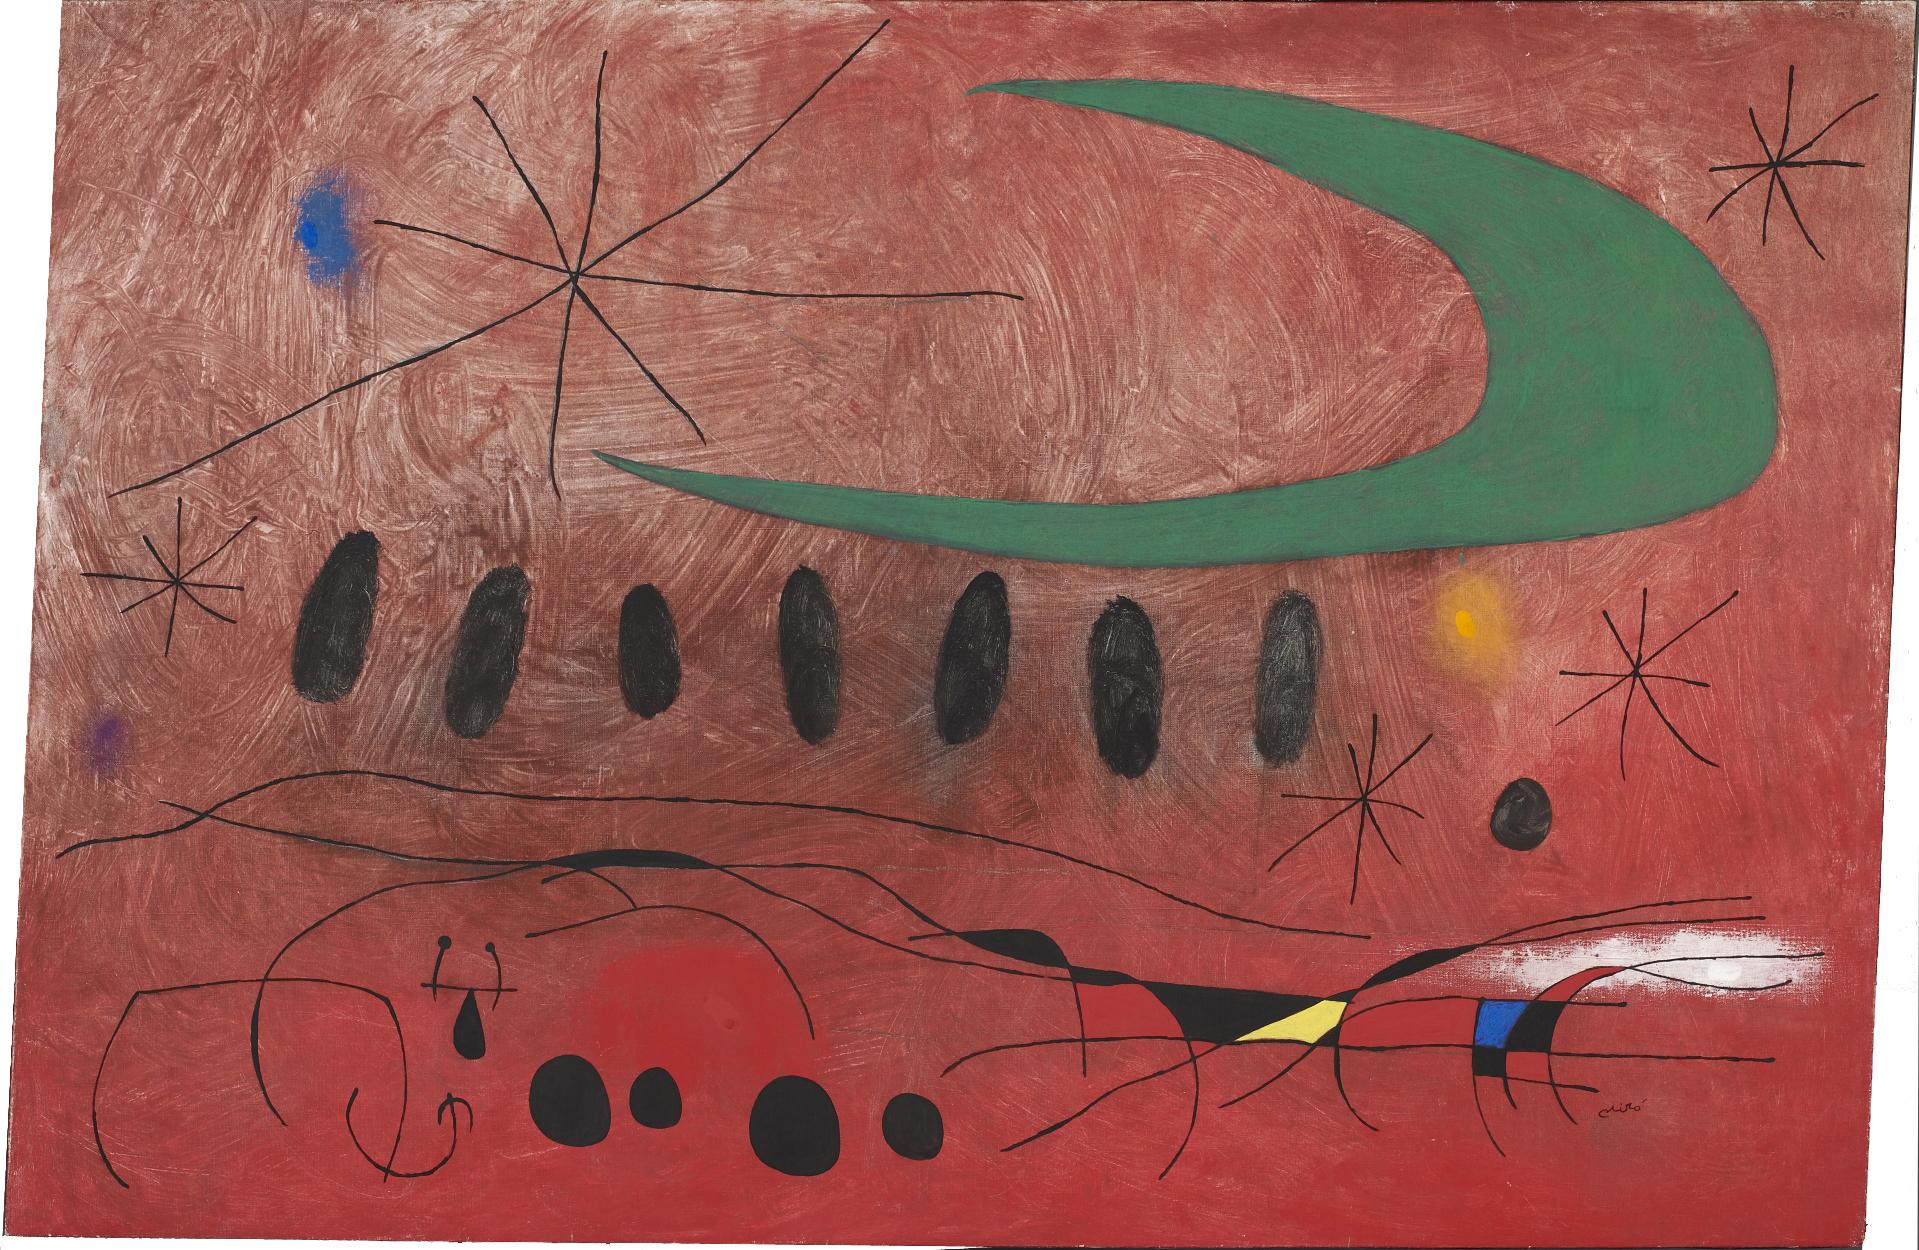 6 obres mestres de Miró que pots veure a la col·lecció permanent